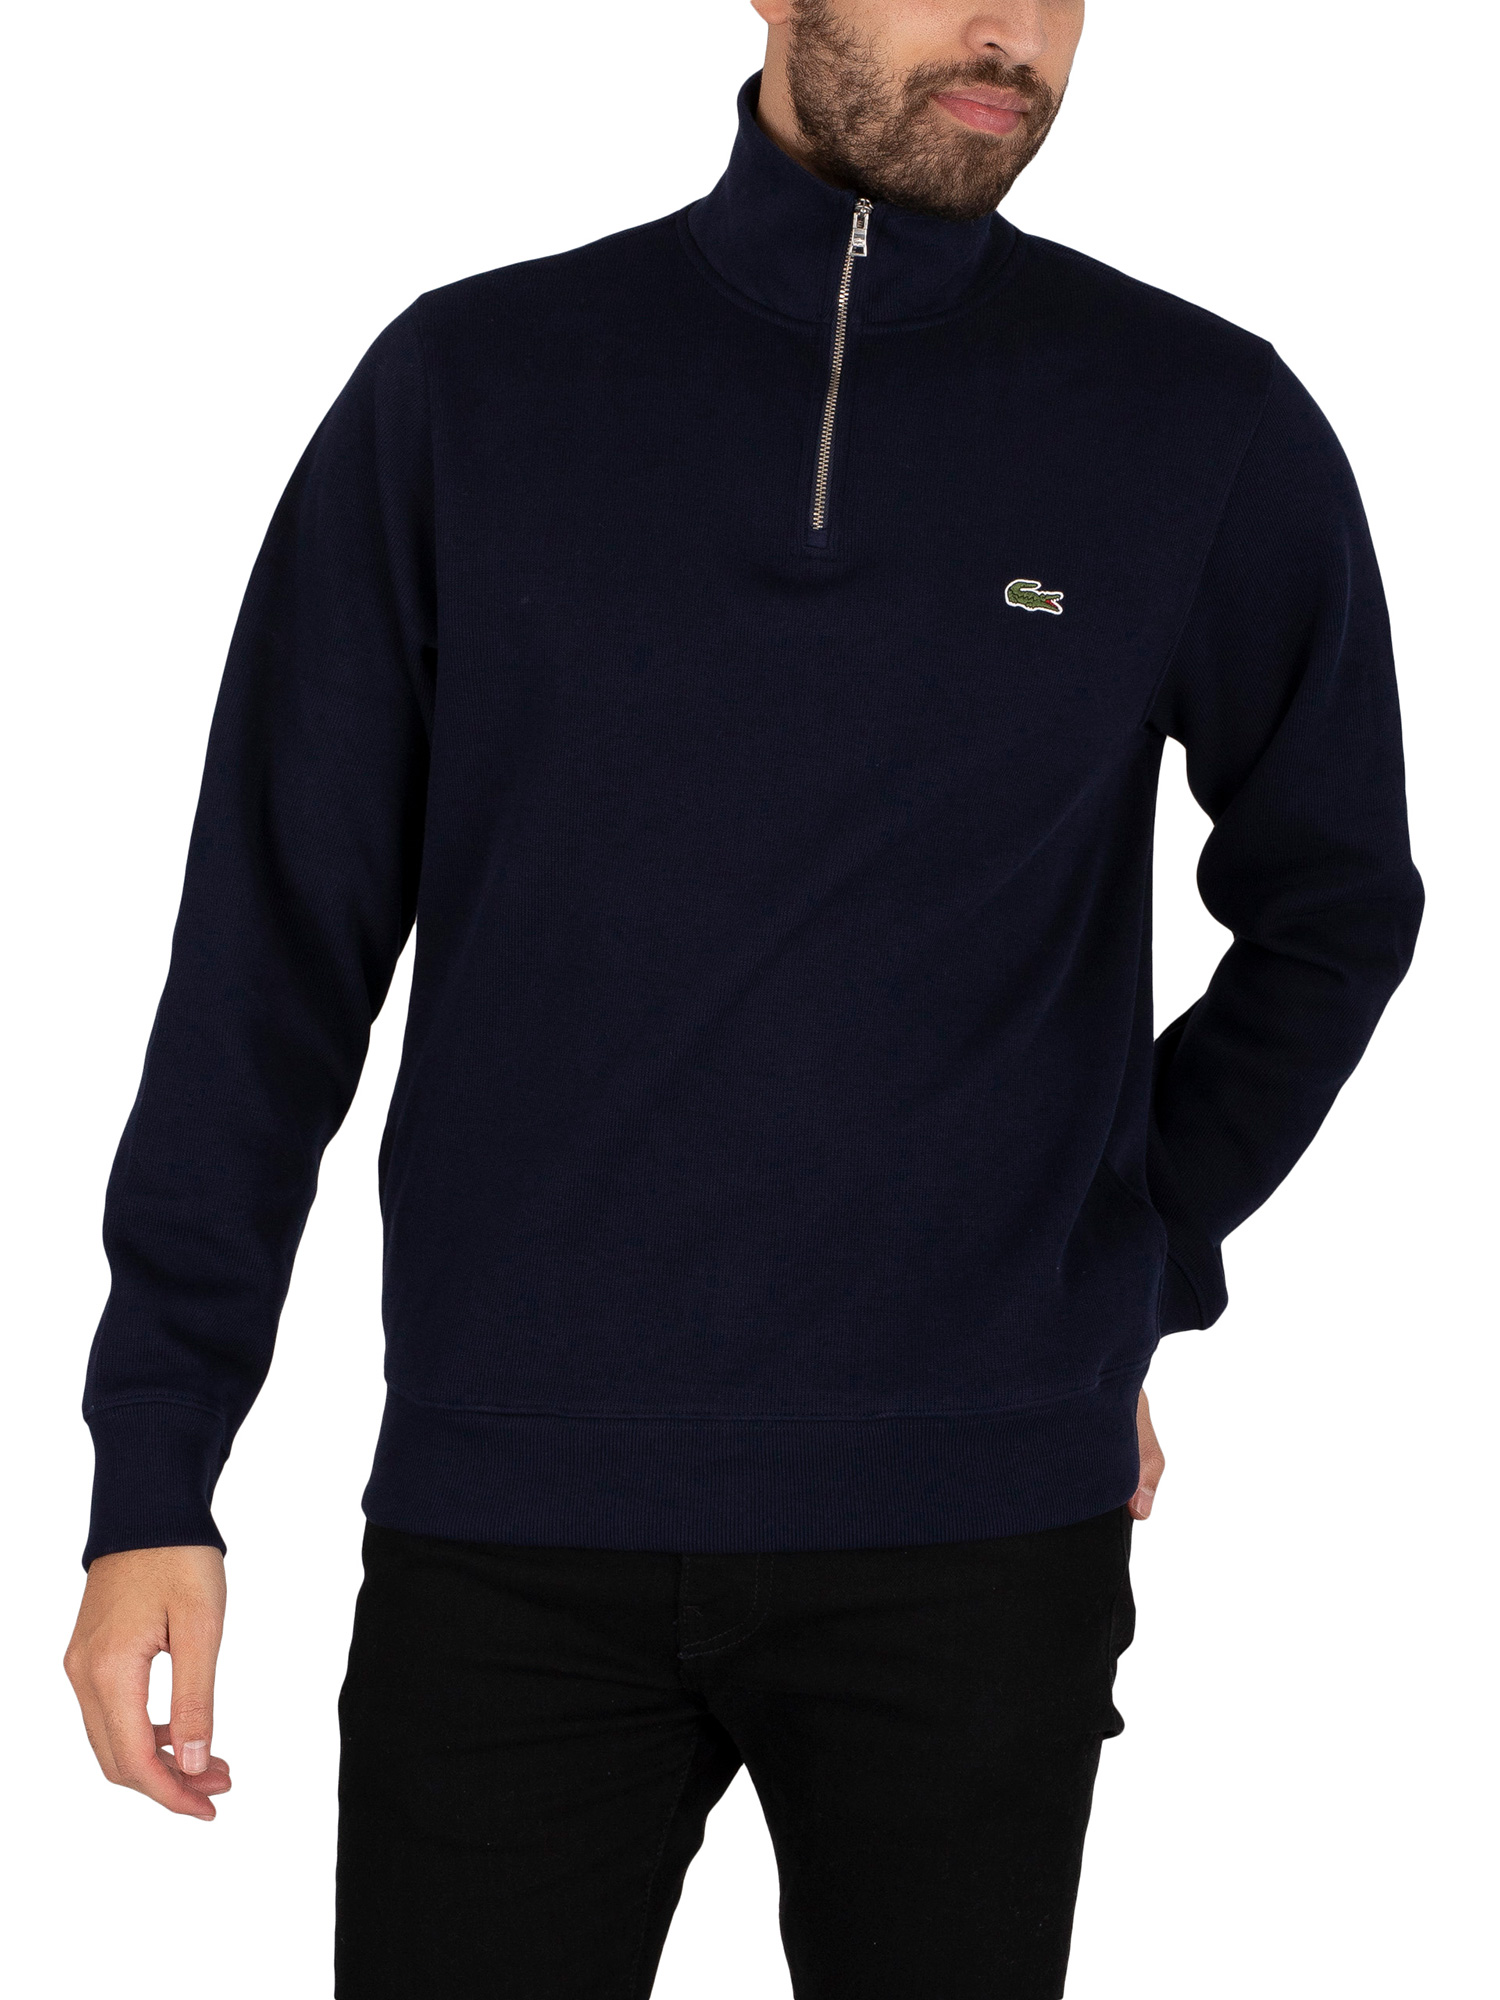 Zip Collar Sweatshirt